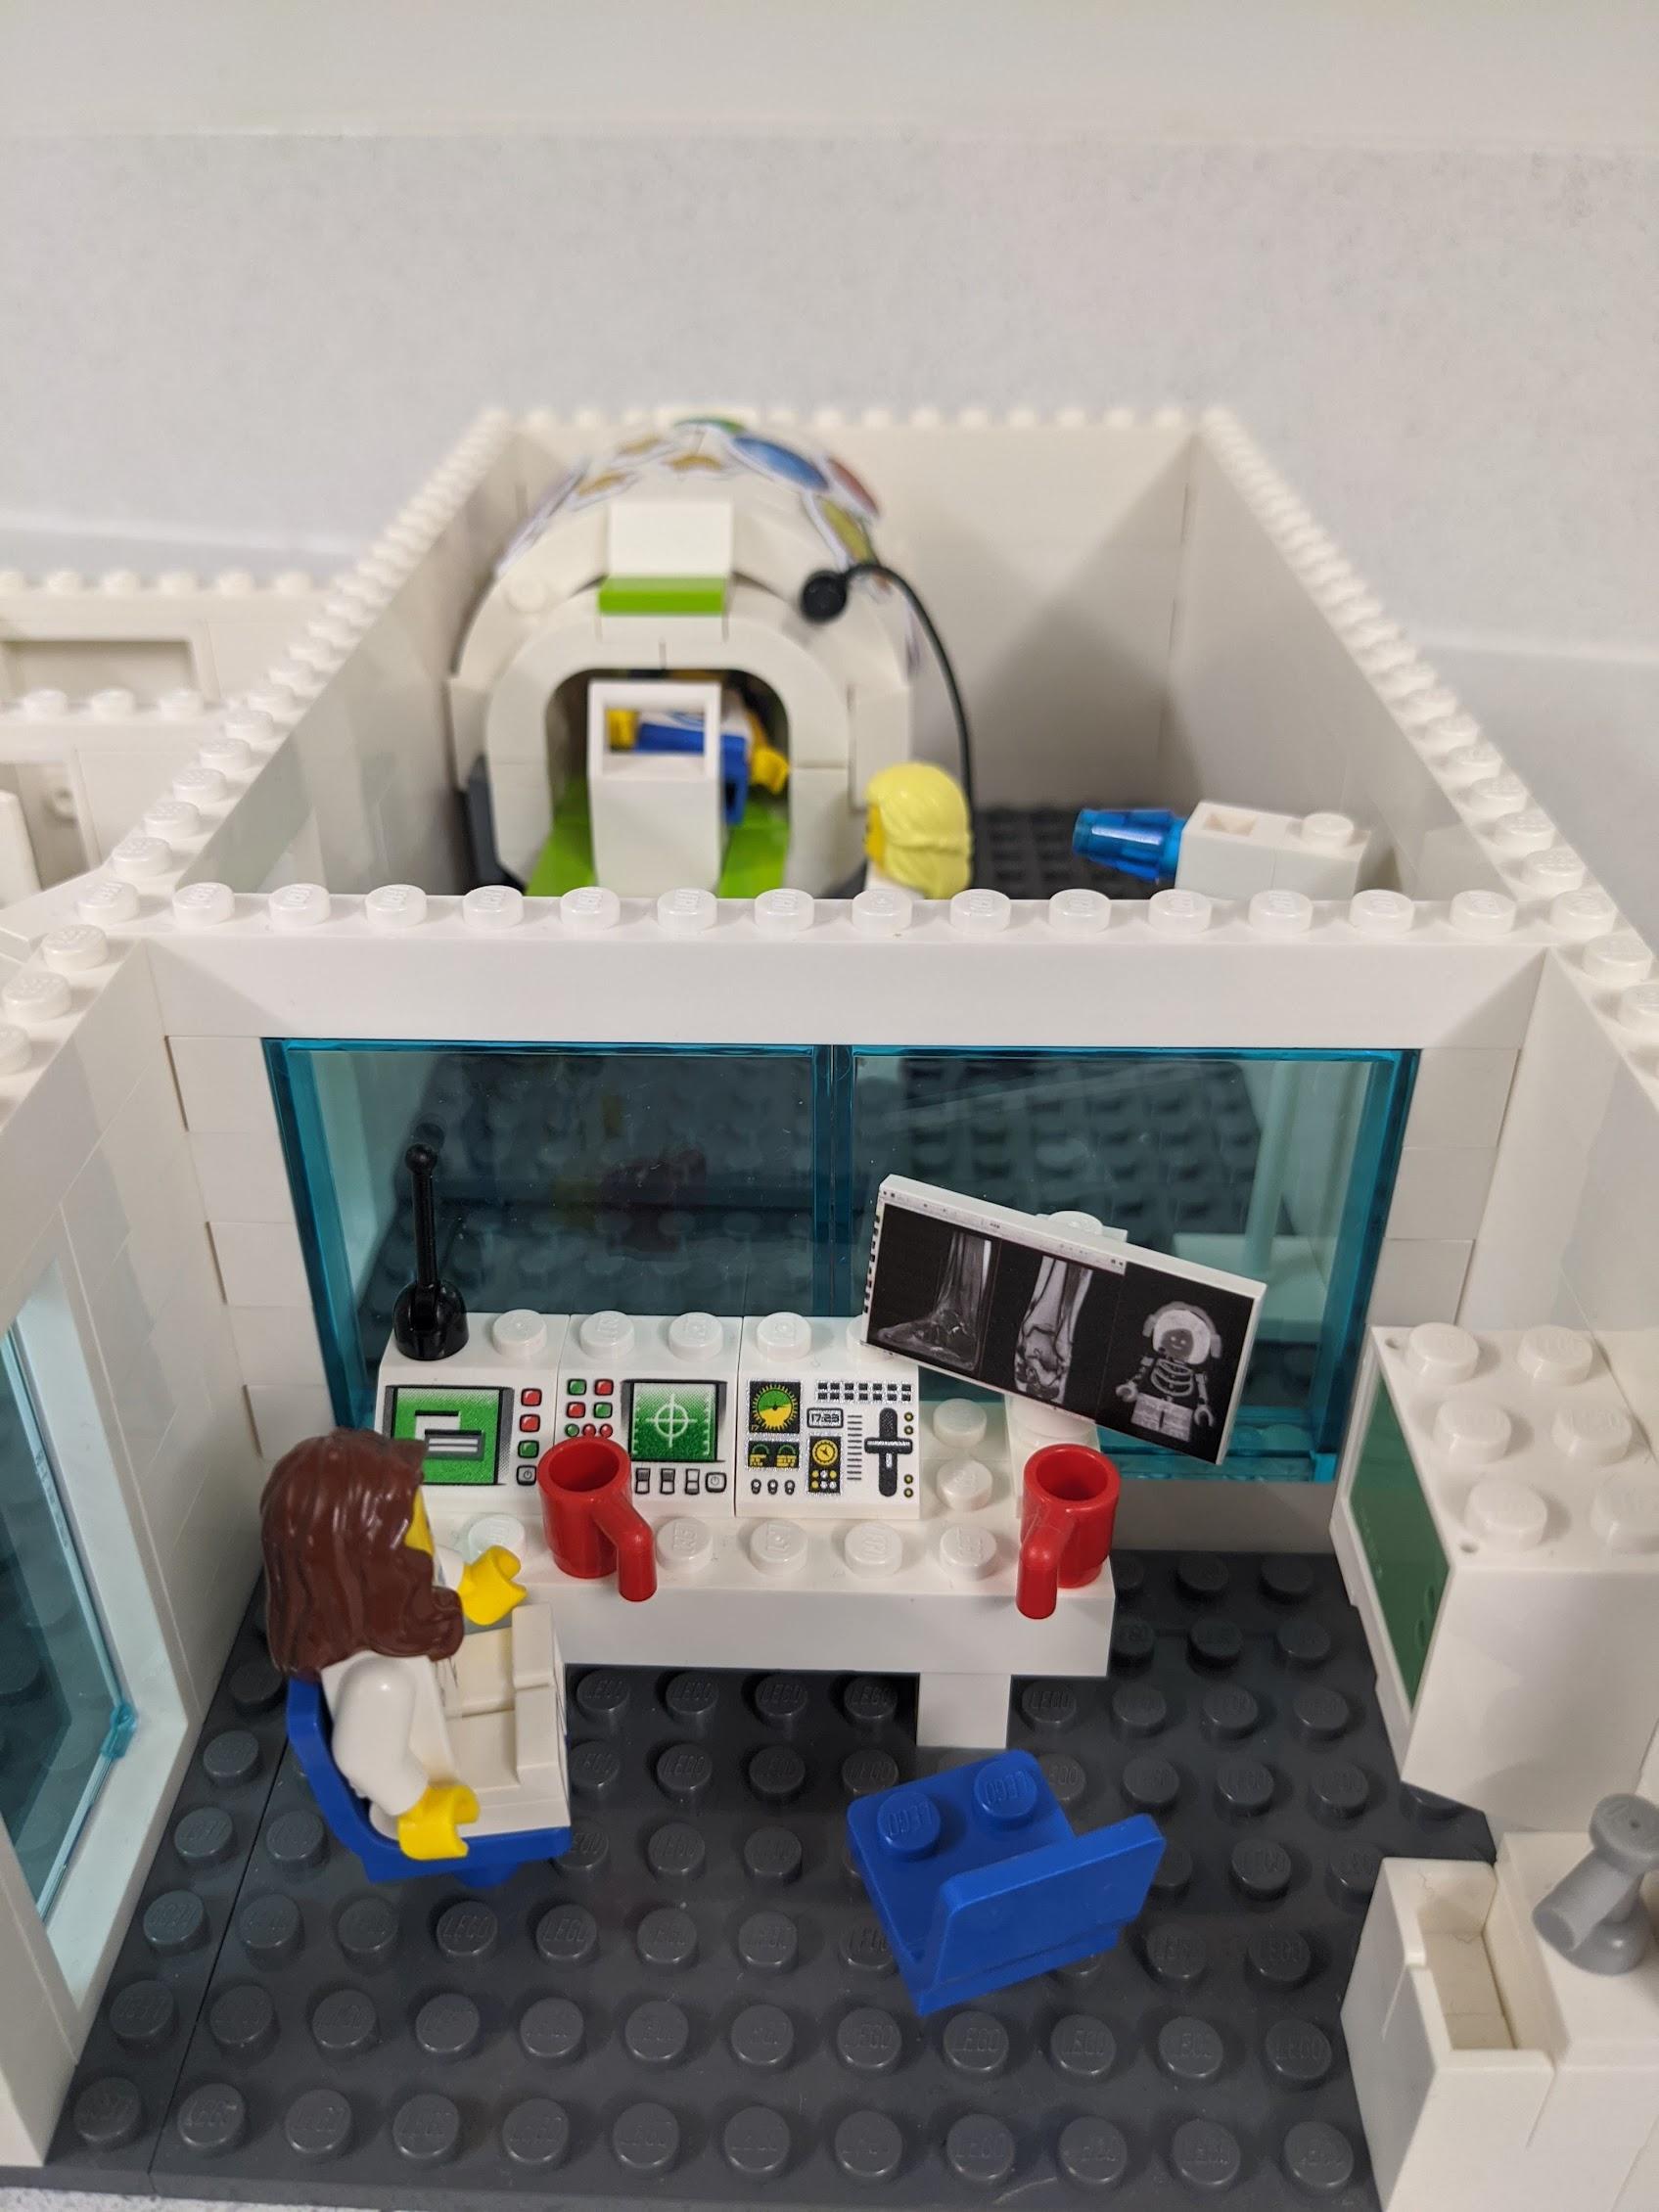 Lego diagram of MRI